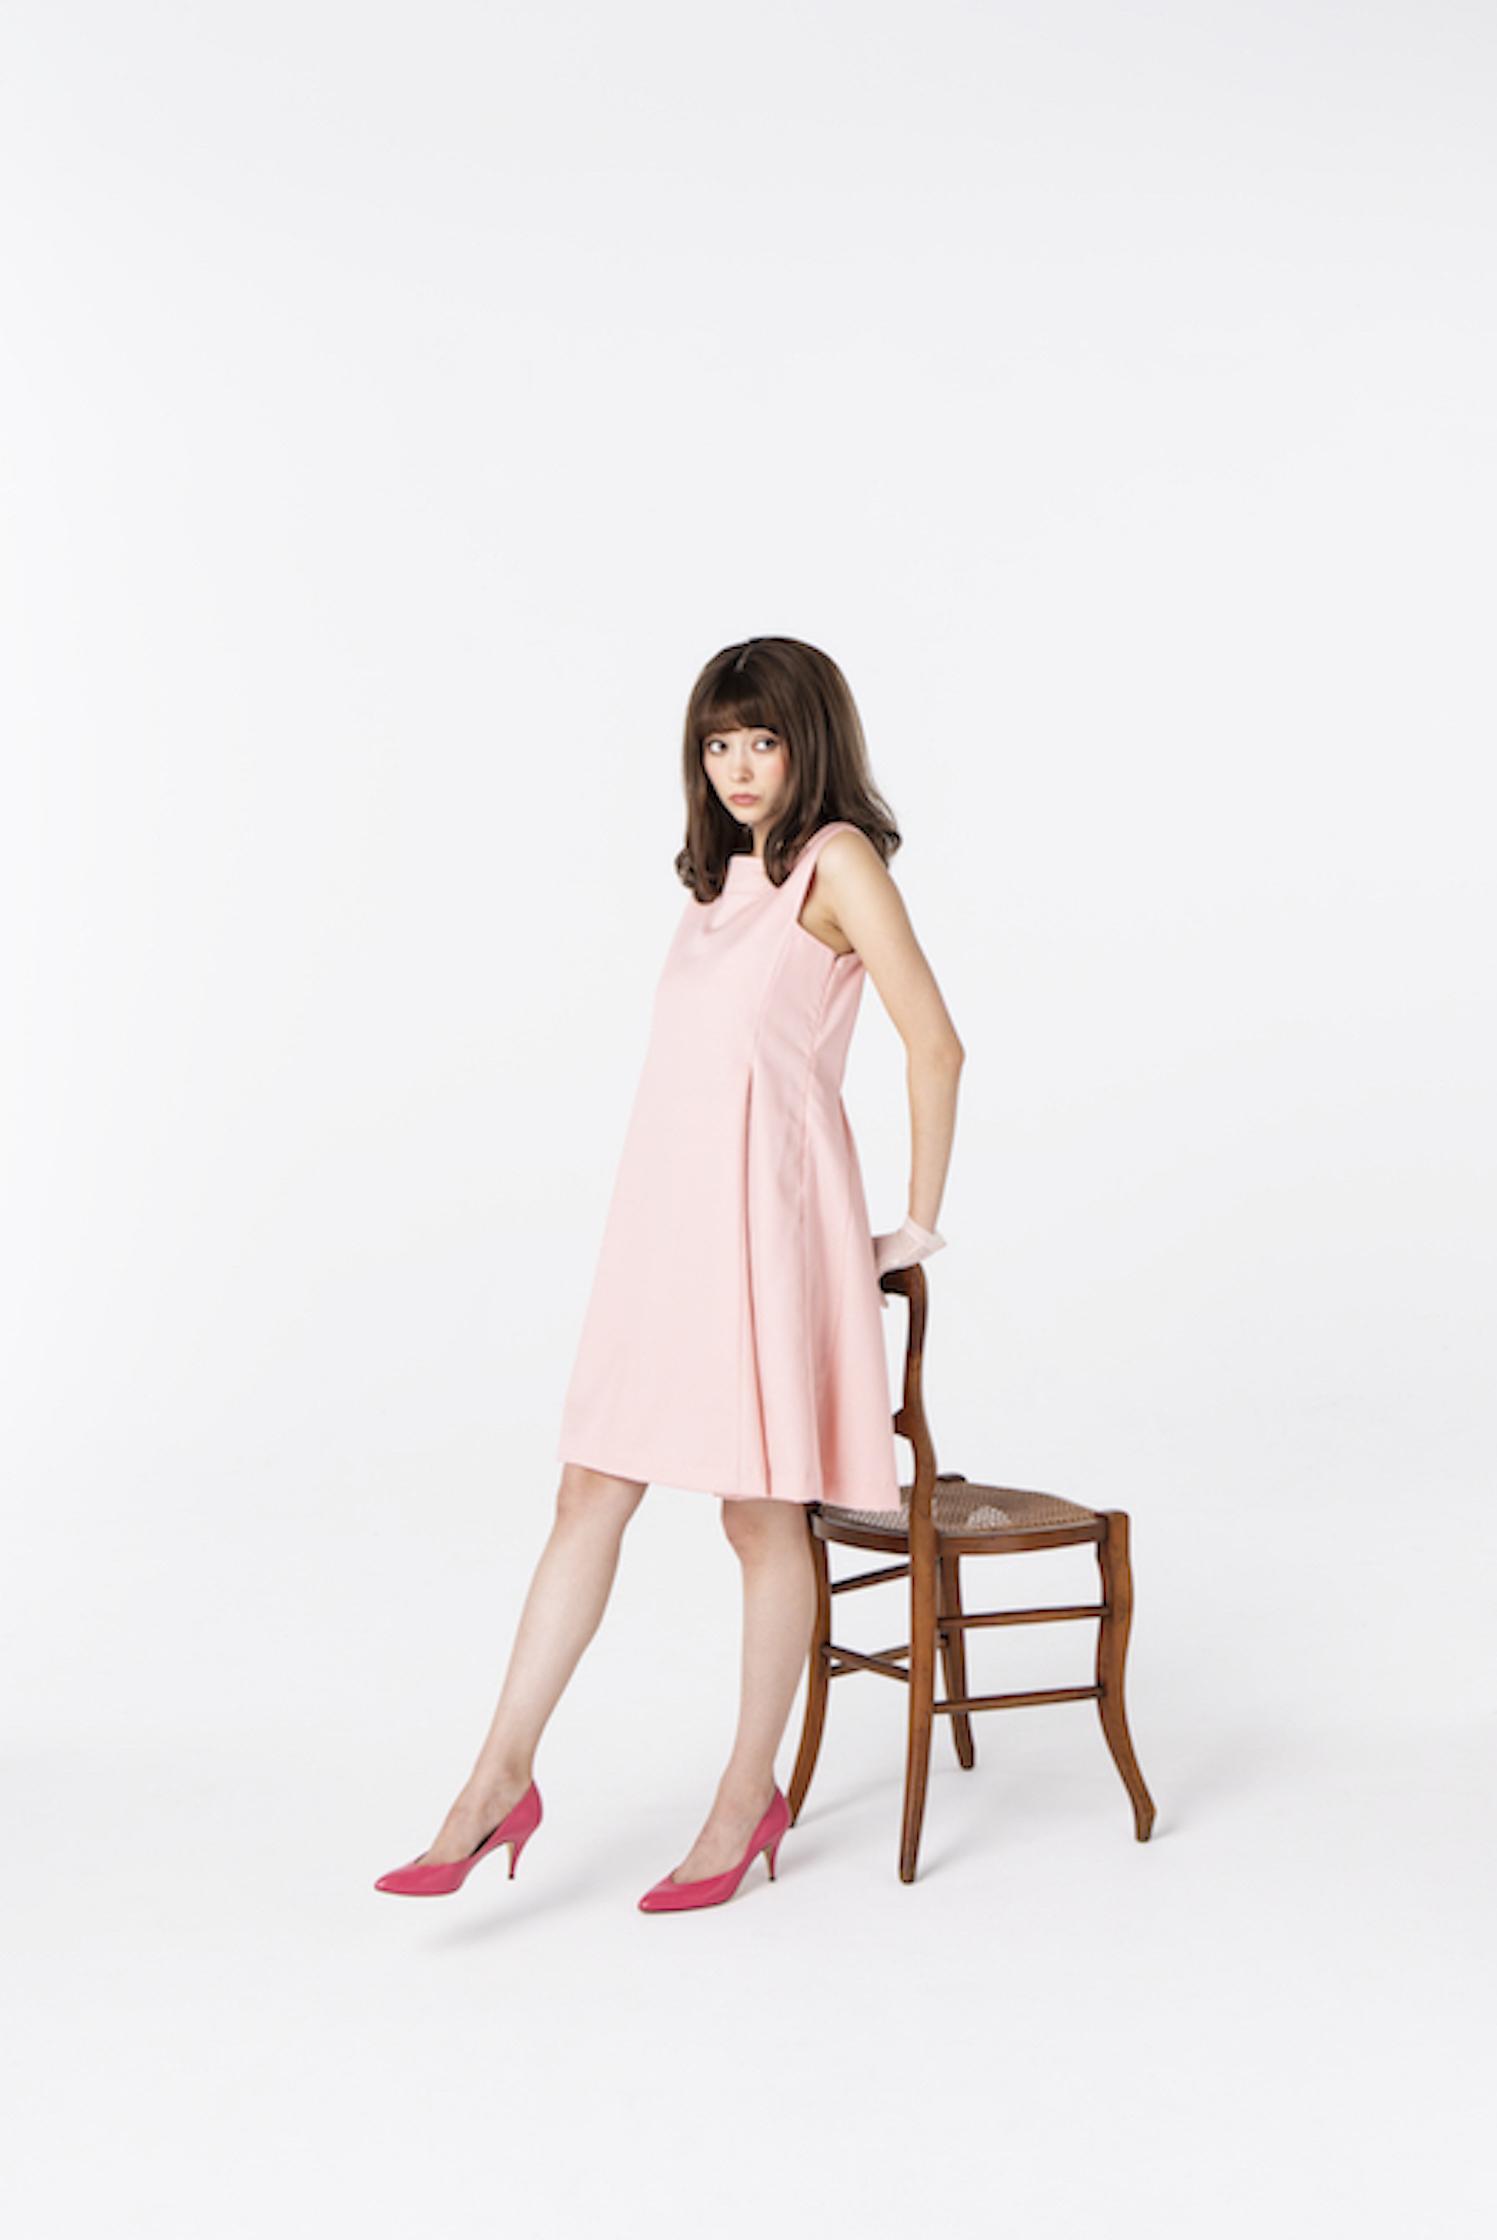 __歌う恋人たちのピンク